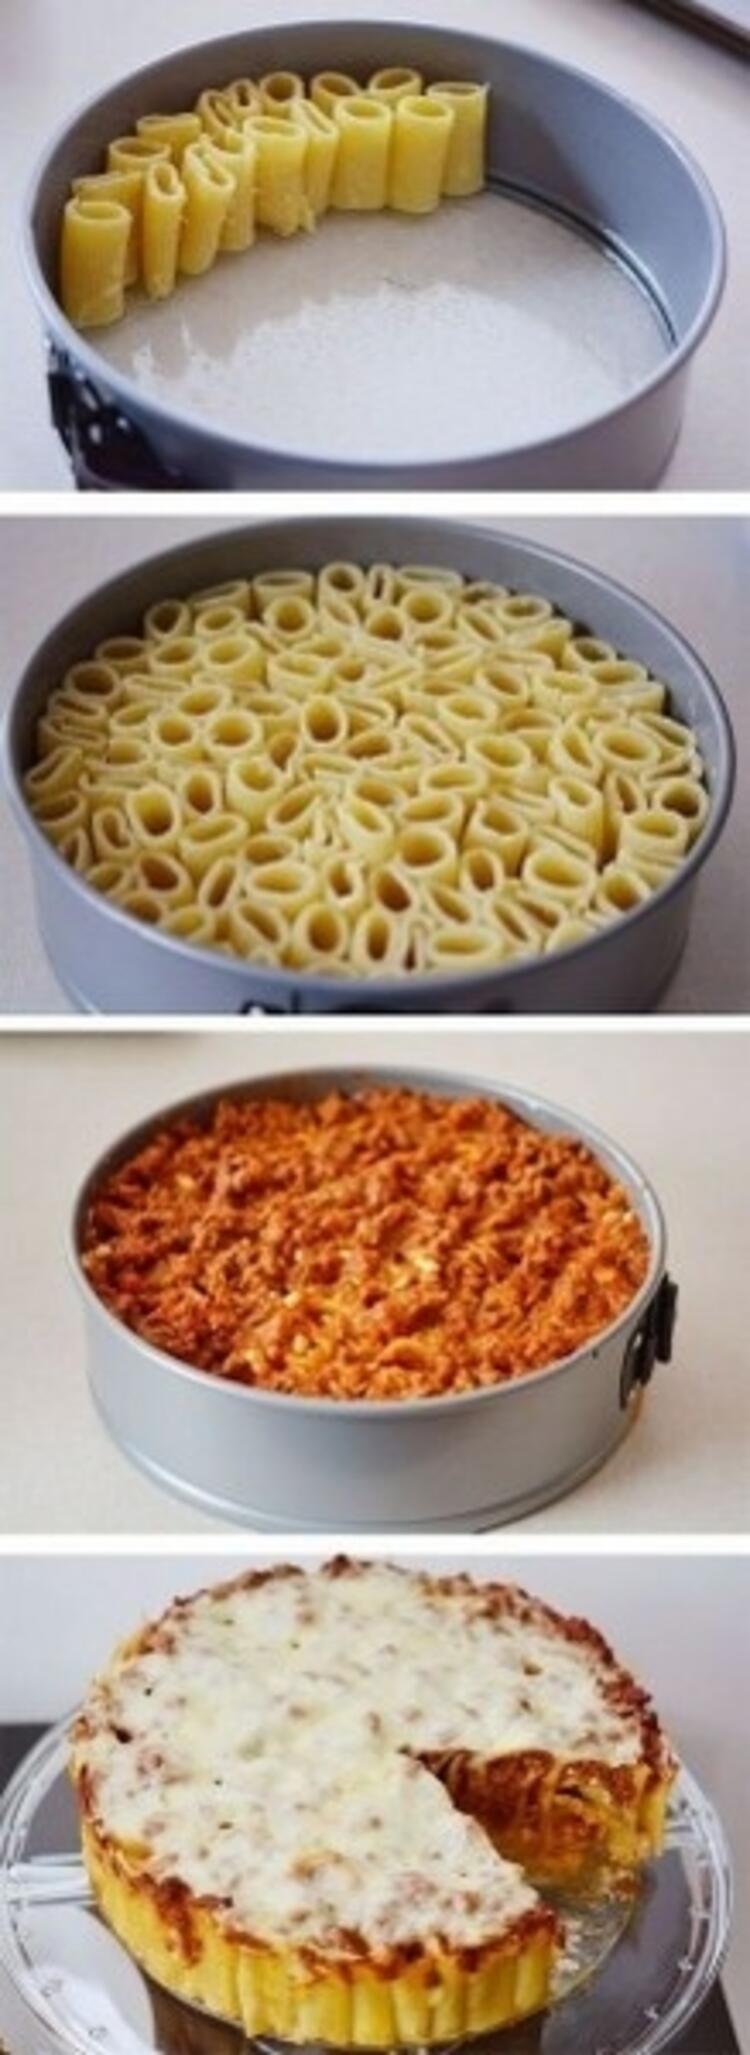 Çocuklara sevmedikleri yemeği yedirmenin en güzel yolu